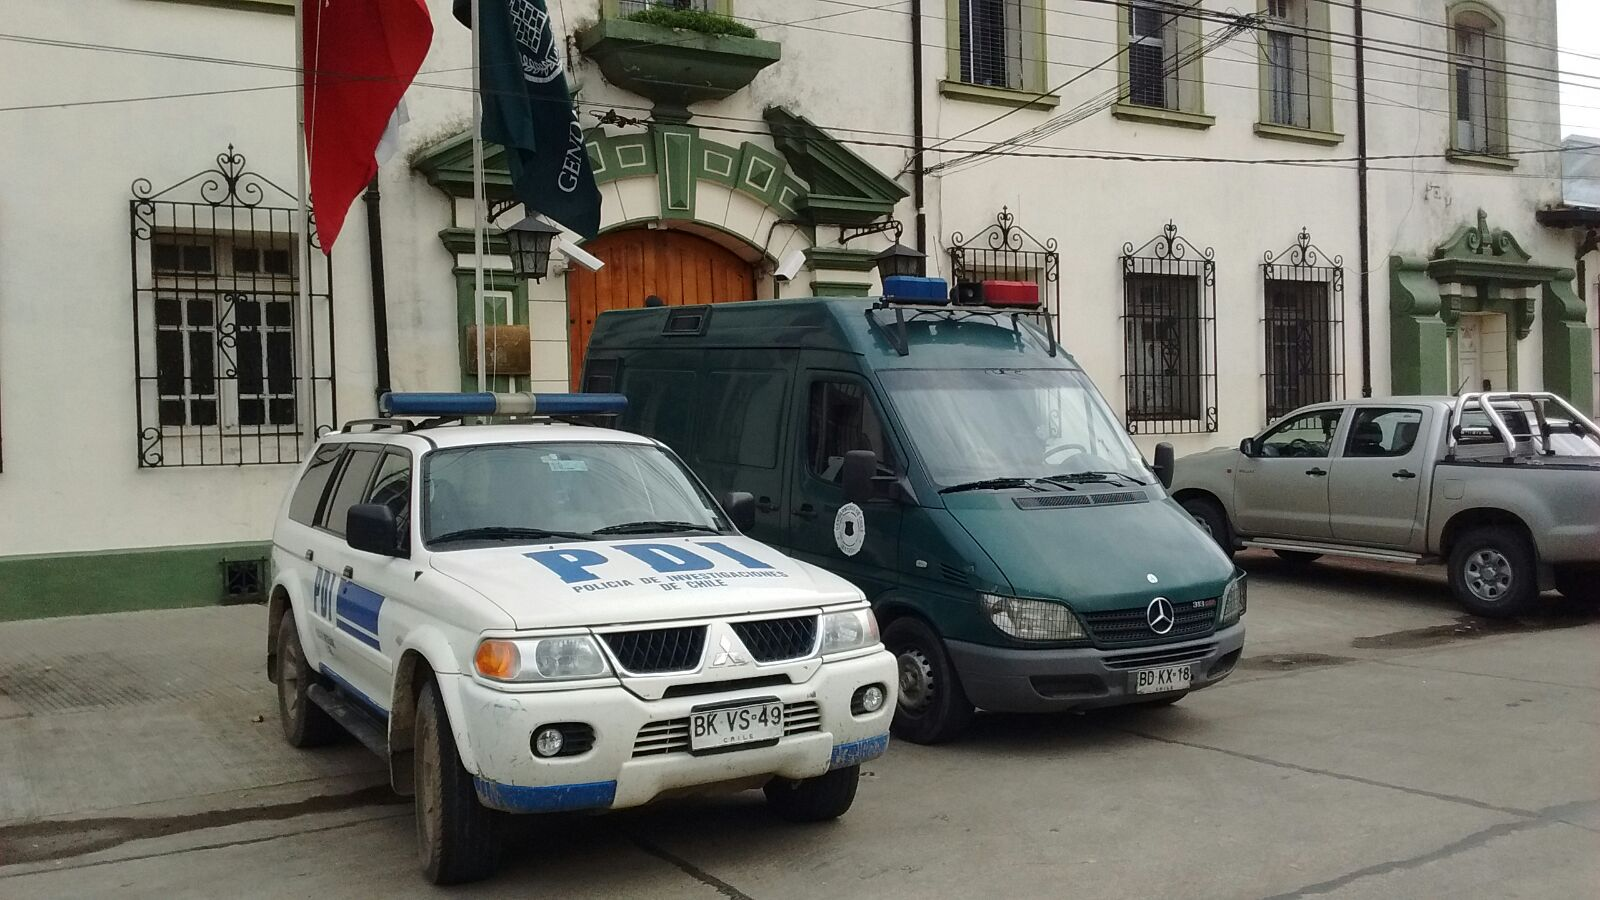 Un muerto y un herido grave dejó violenta riña en cárcel de Linares